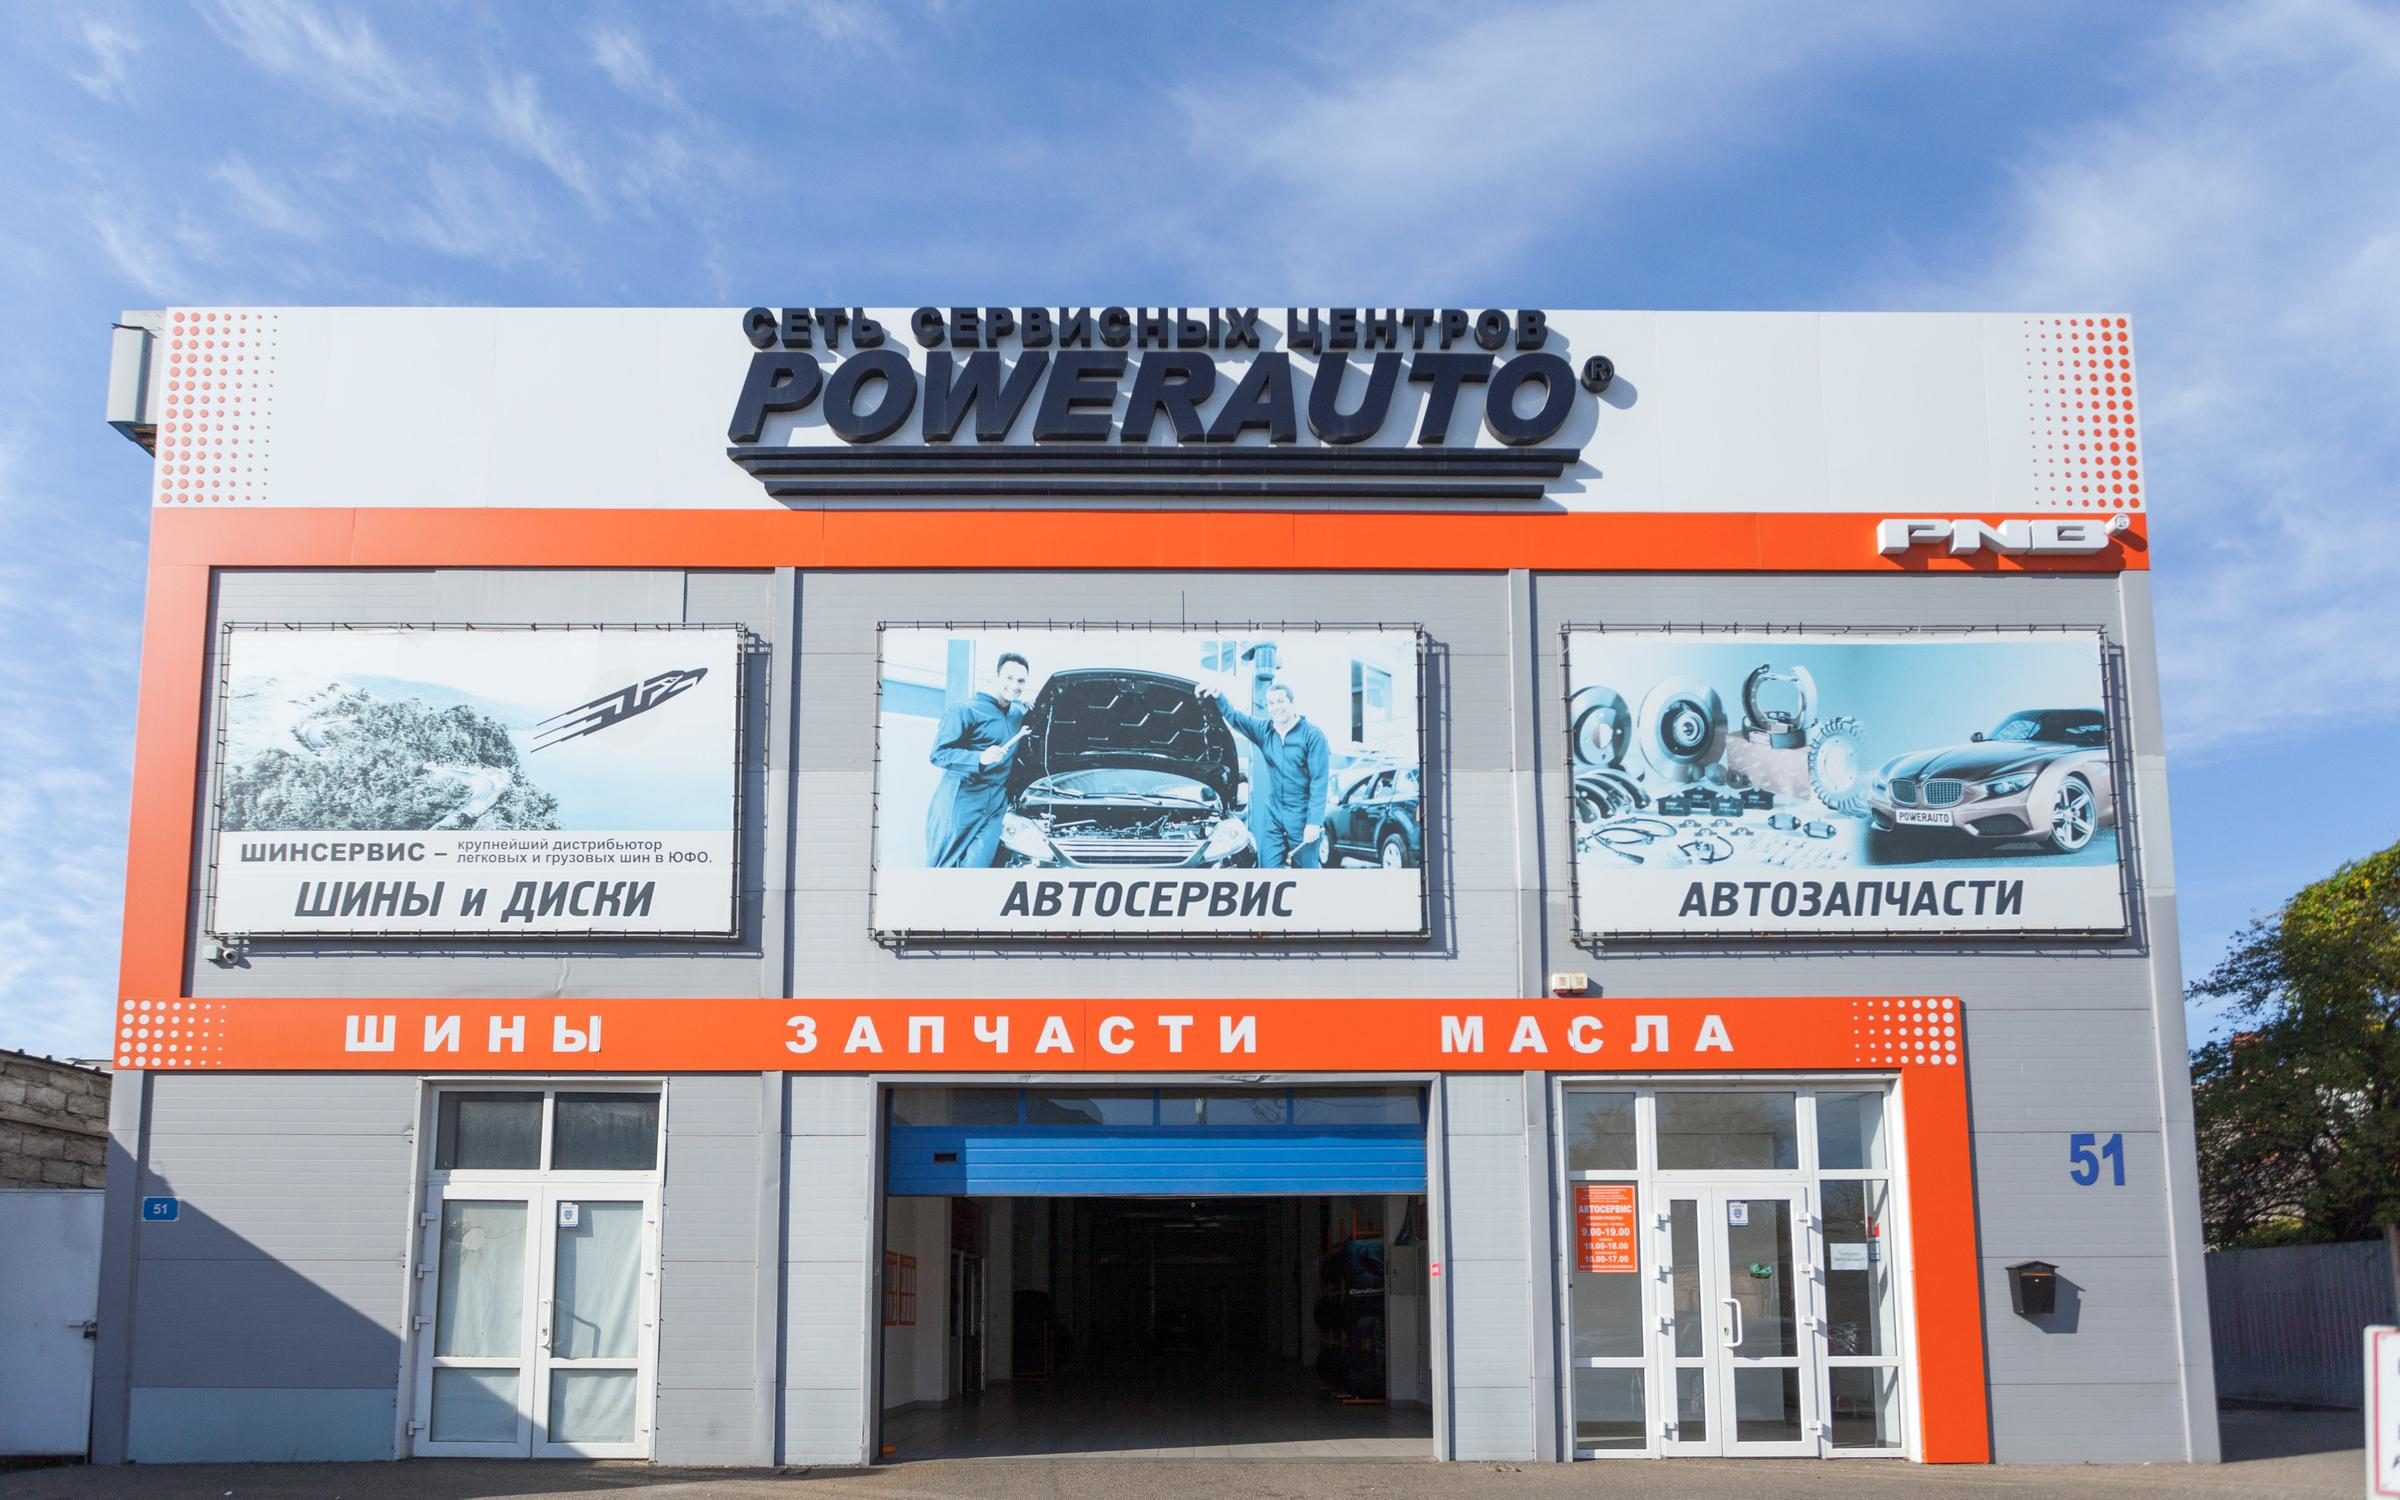 фотография Автоцентра Powerauto на улице Суворова